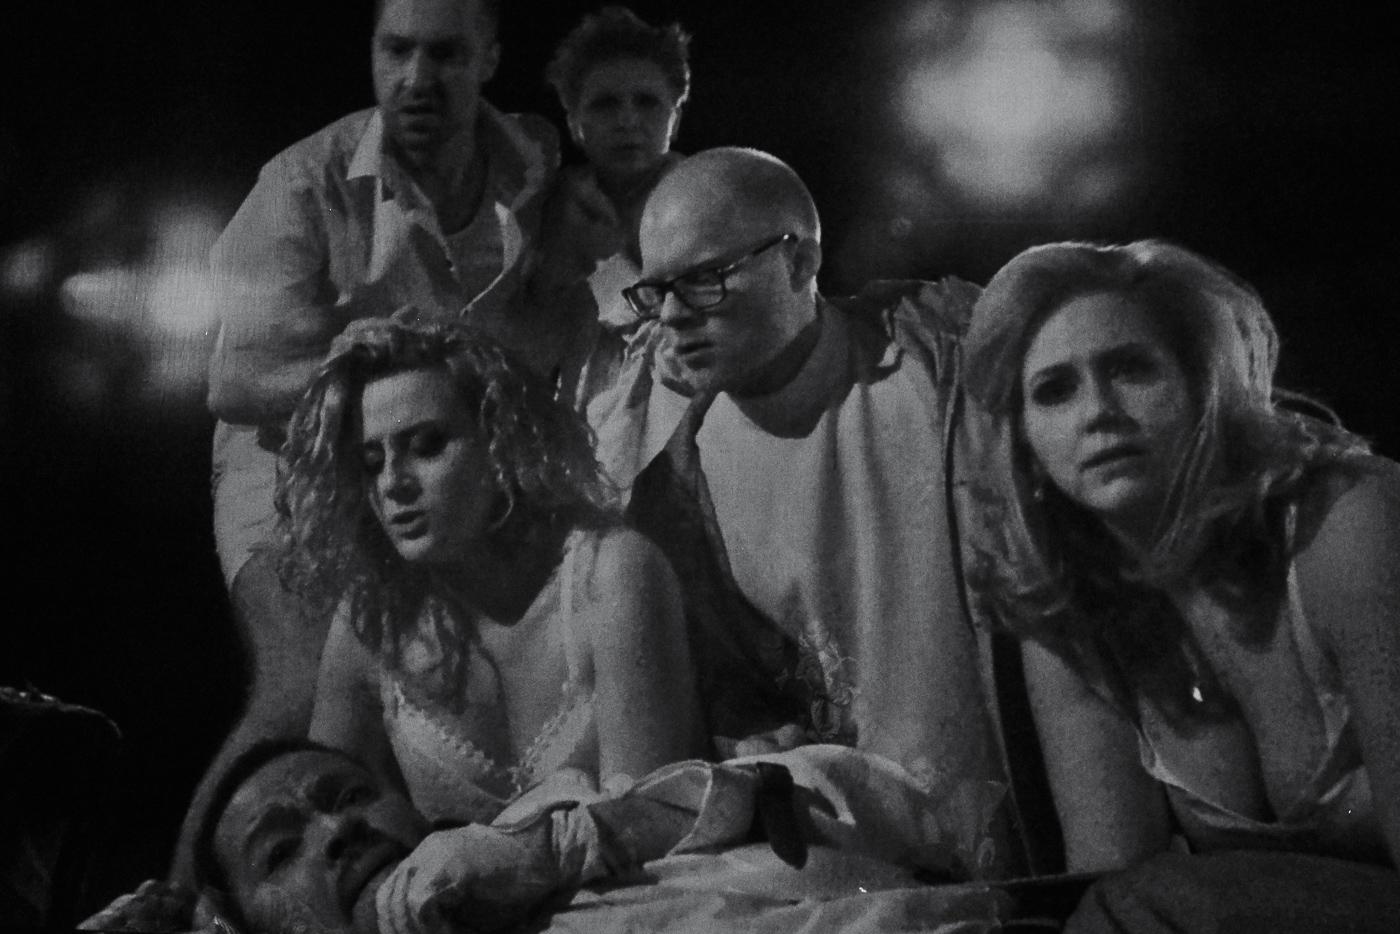 Der grösste Teil des Geschehens spielt sich im Dunkeln ab und von einer Infrarot-Kamera auf die Leinwand projiziert.